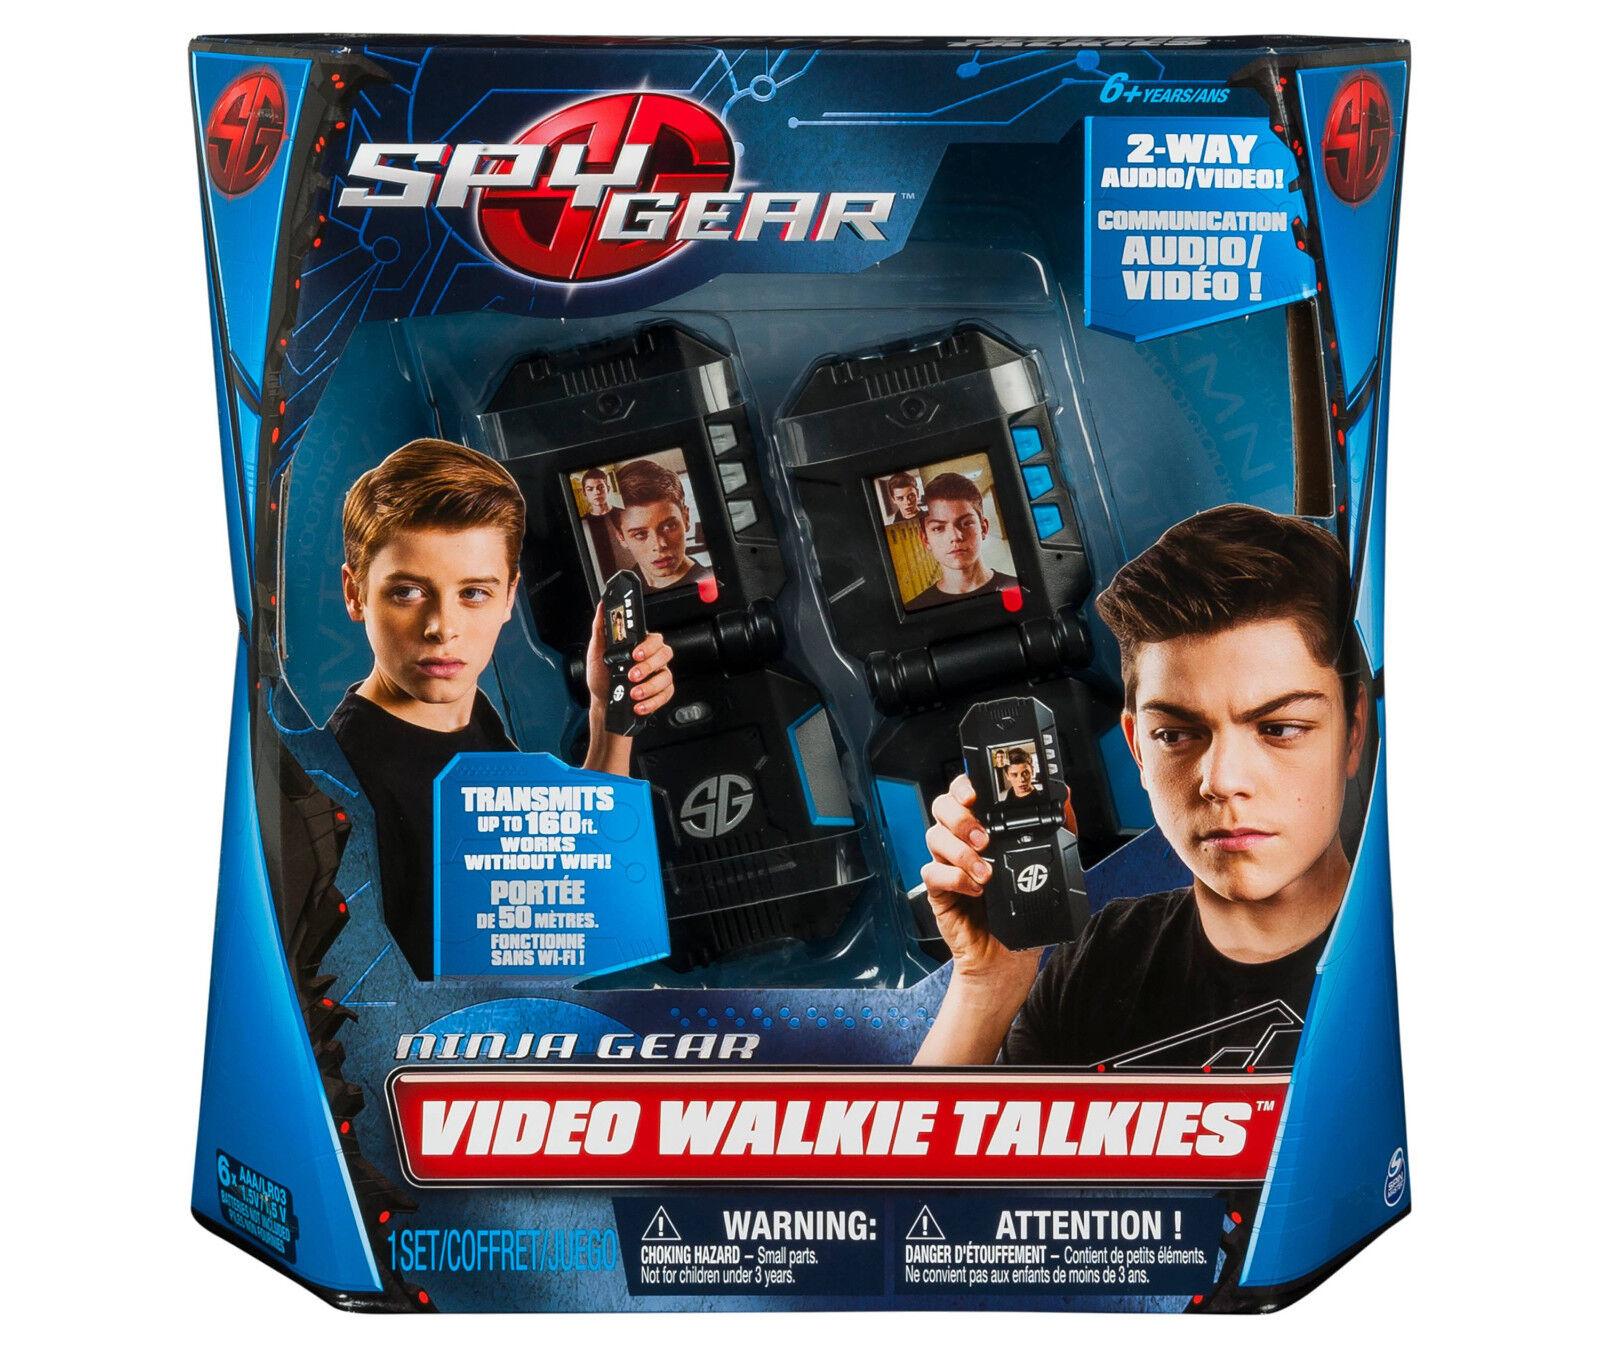 Spionage - ausrüstung - video walkie - talkies mit 2 - wege - audio - und video - (beschleunigte versand)